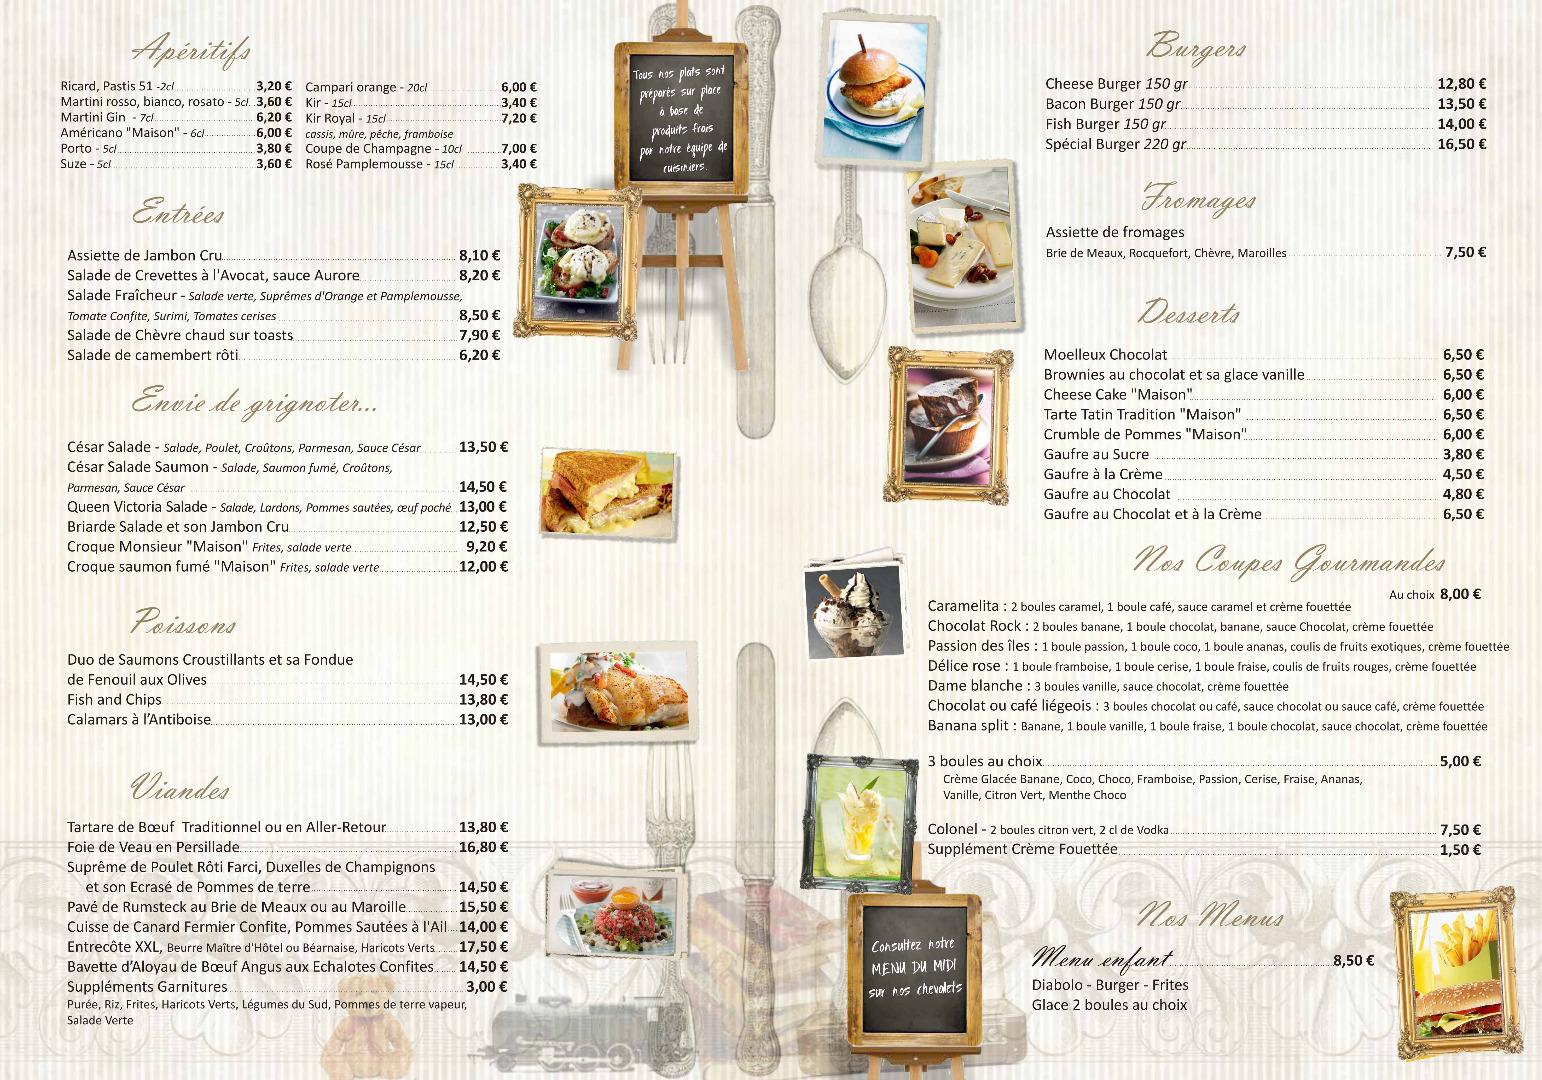 Restaurant Soissons La Bourse Aux Grains : Carte des menus verso